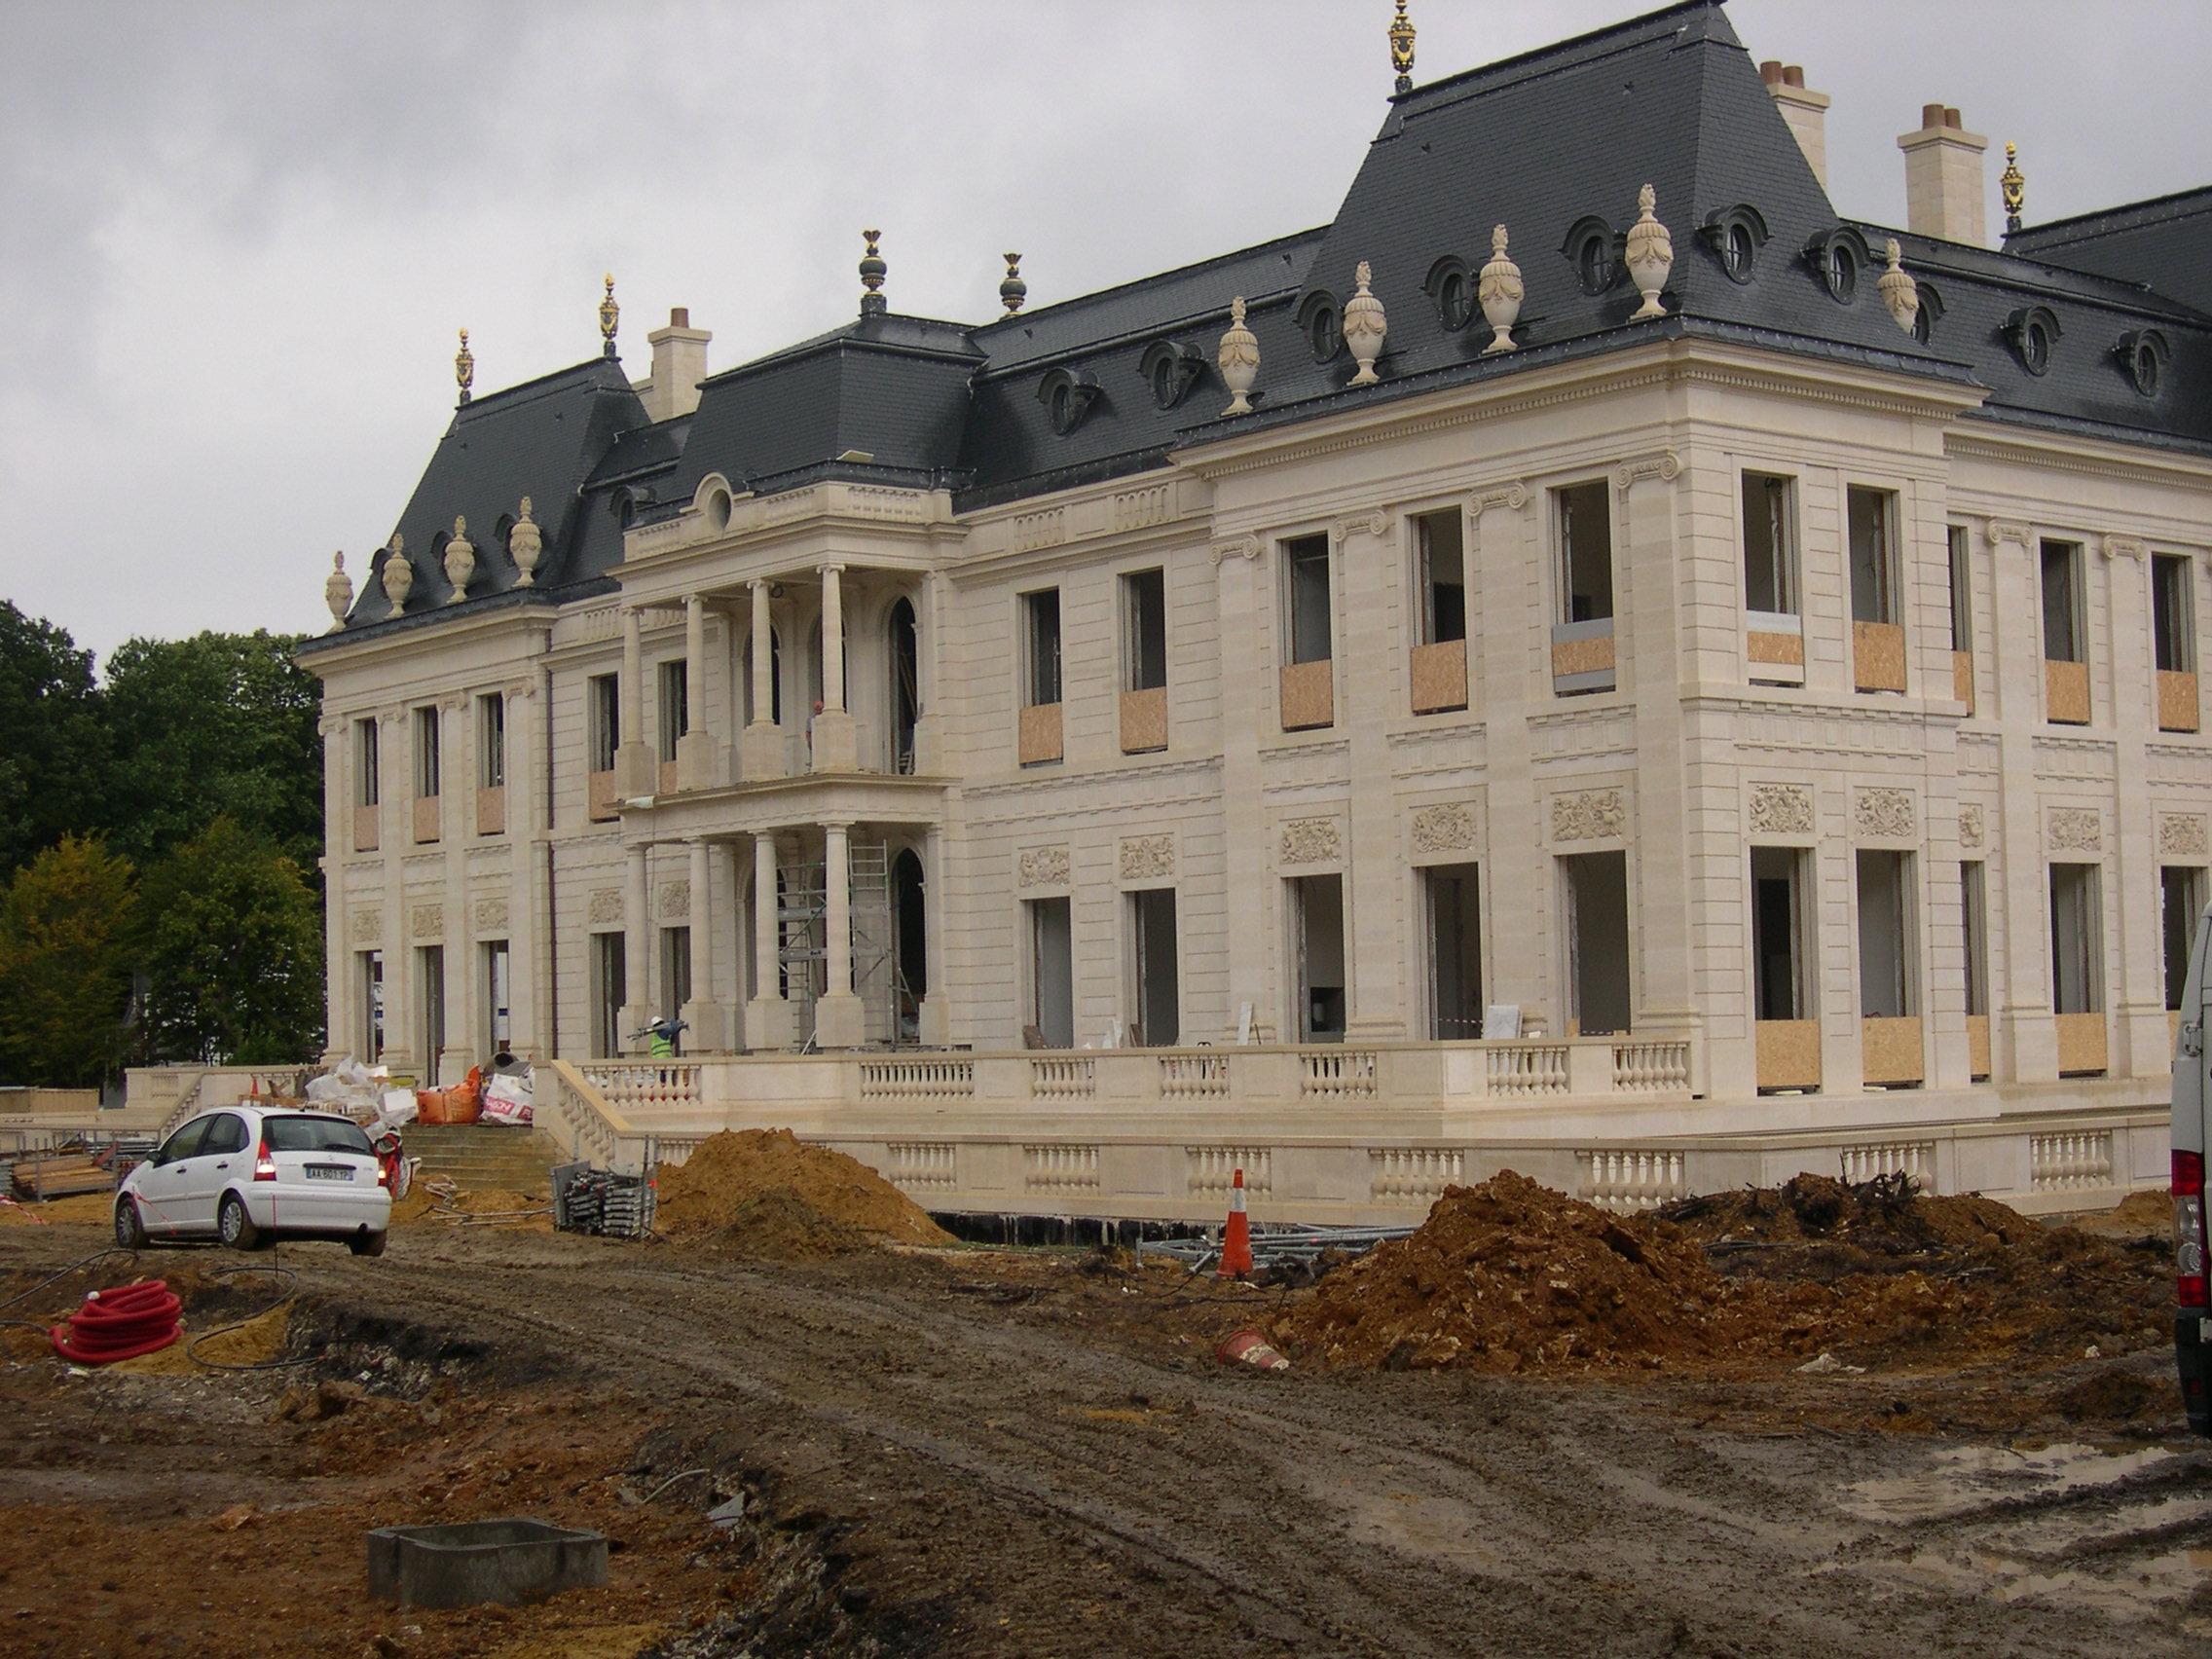 louveciennes castle 2015 lanvignes